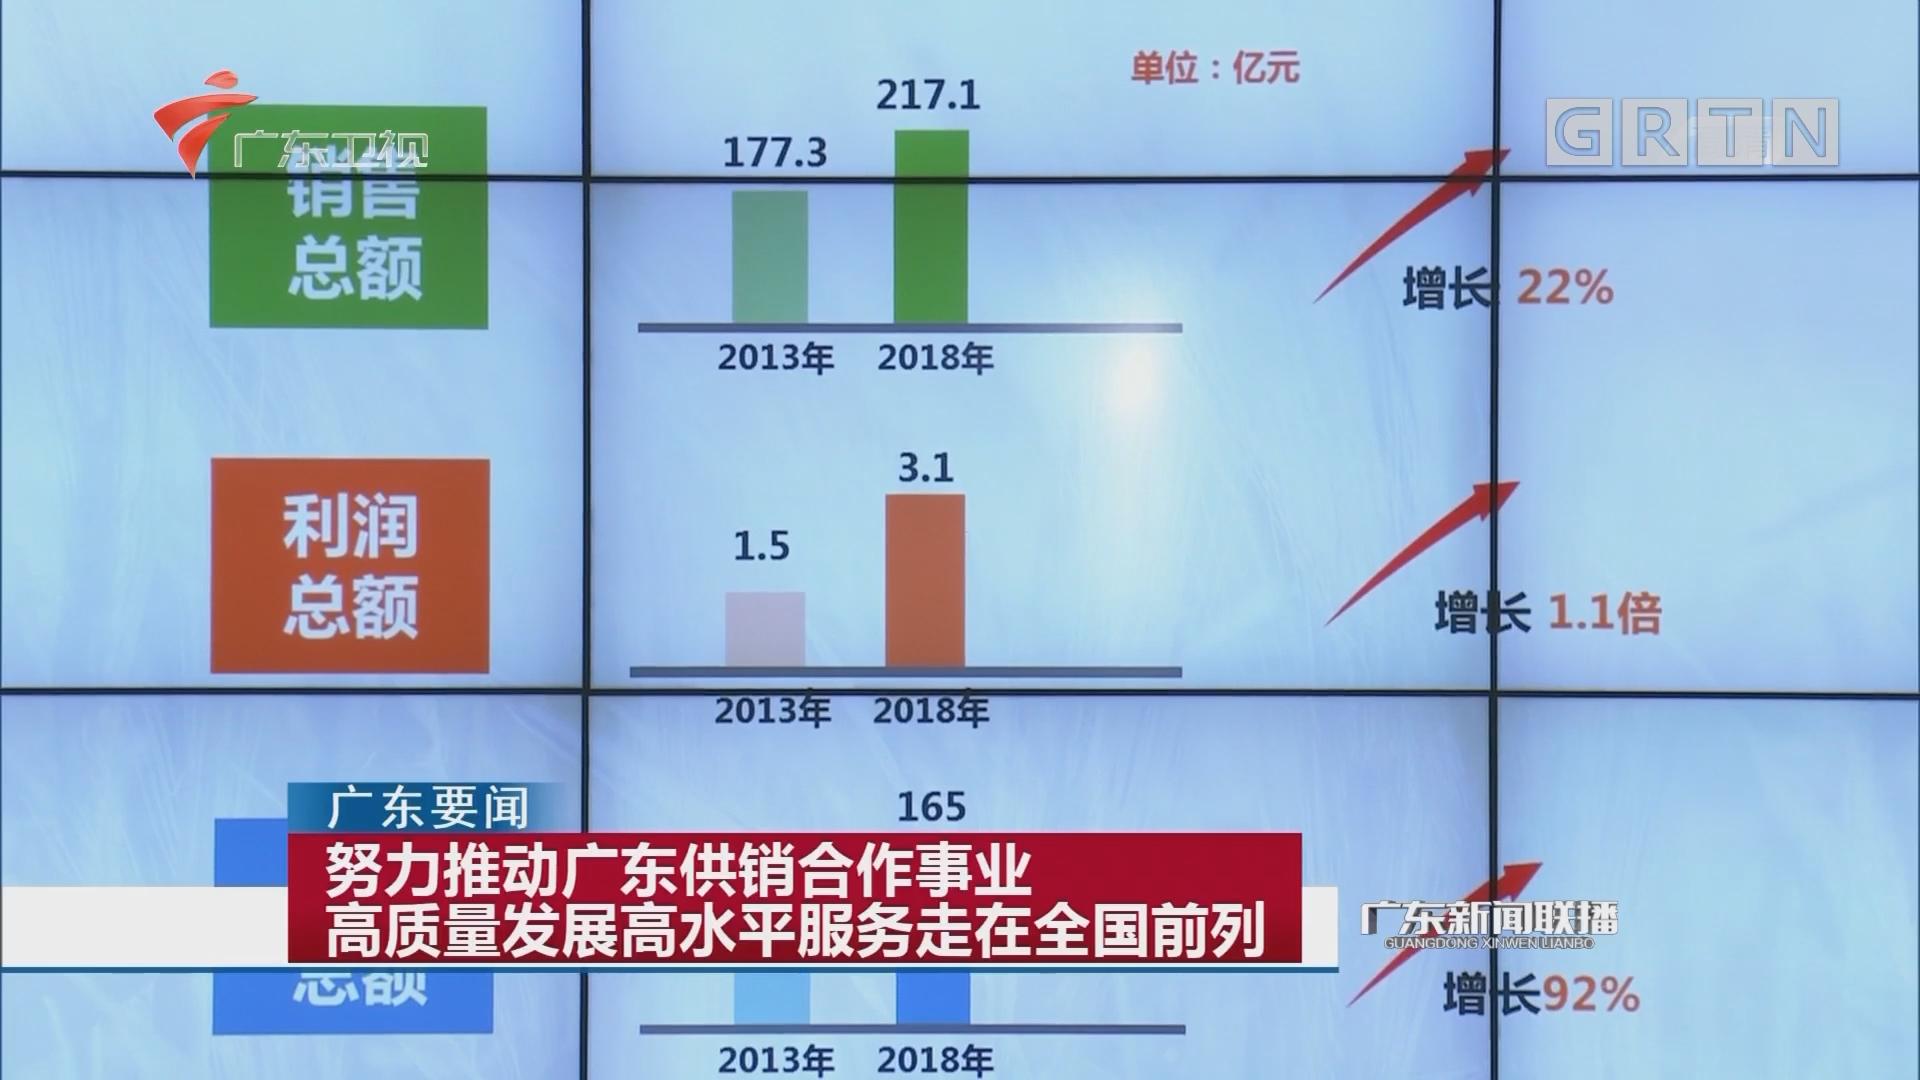 努力推动广东供销合作事业 高质量发展高水平服务走在全国前列